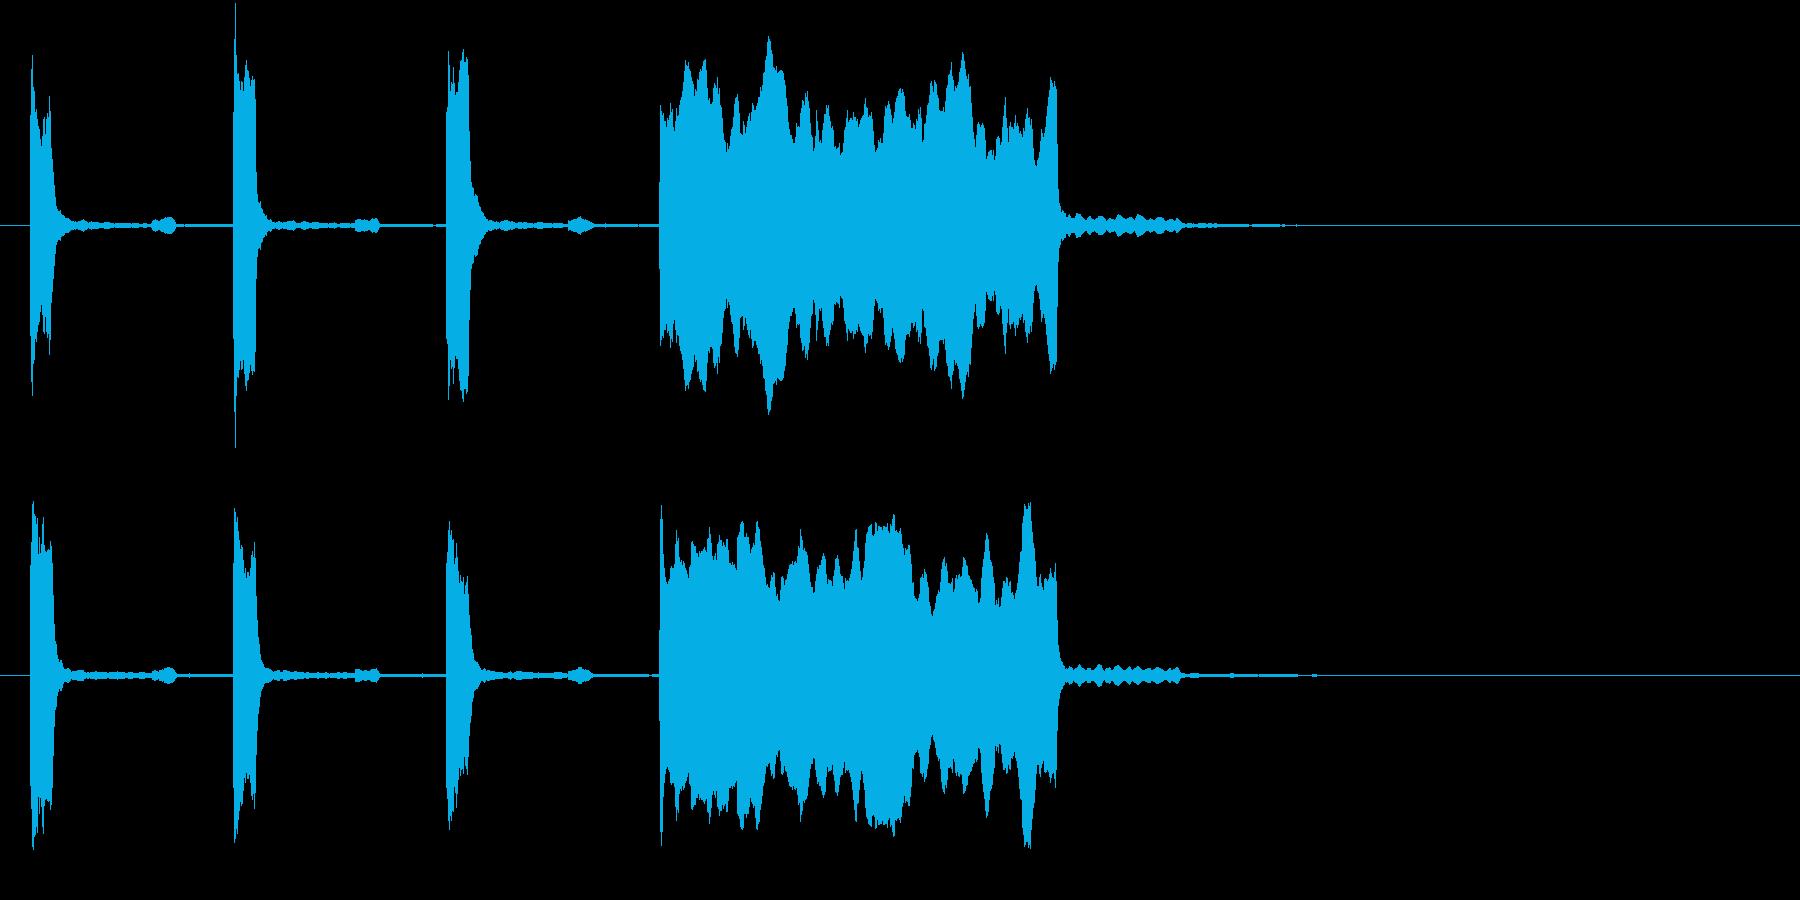 中音くらいの時報(ピッピッピッピー)の再生済みの波形